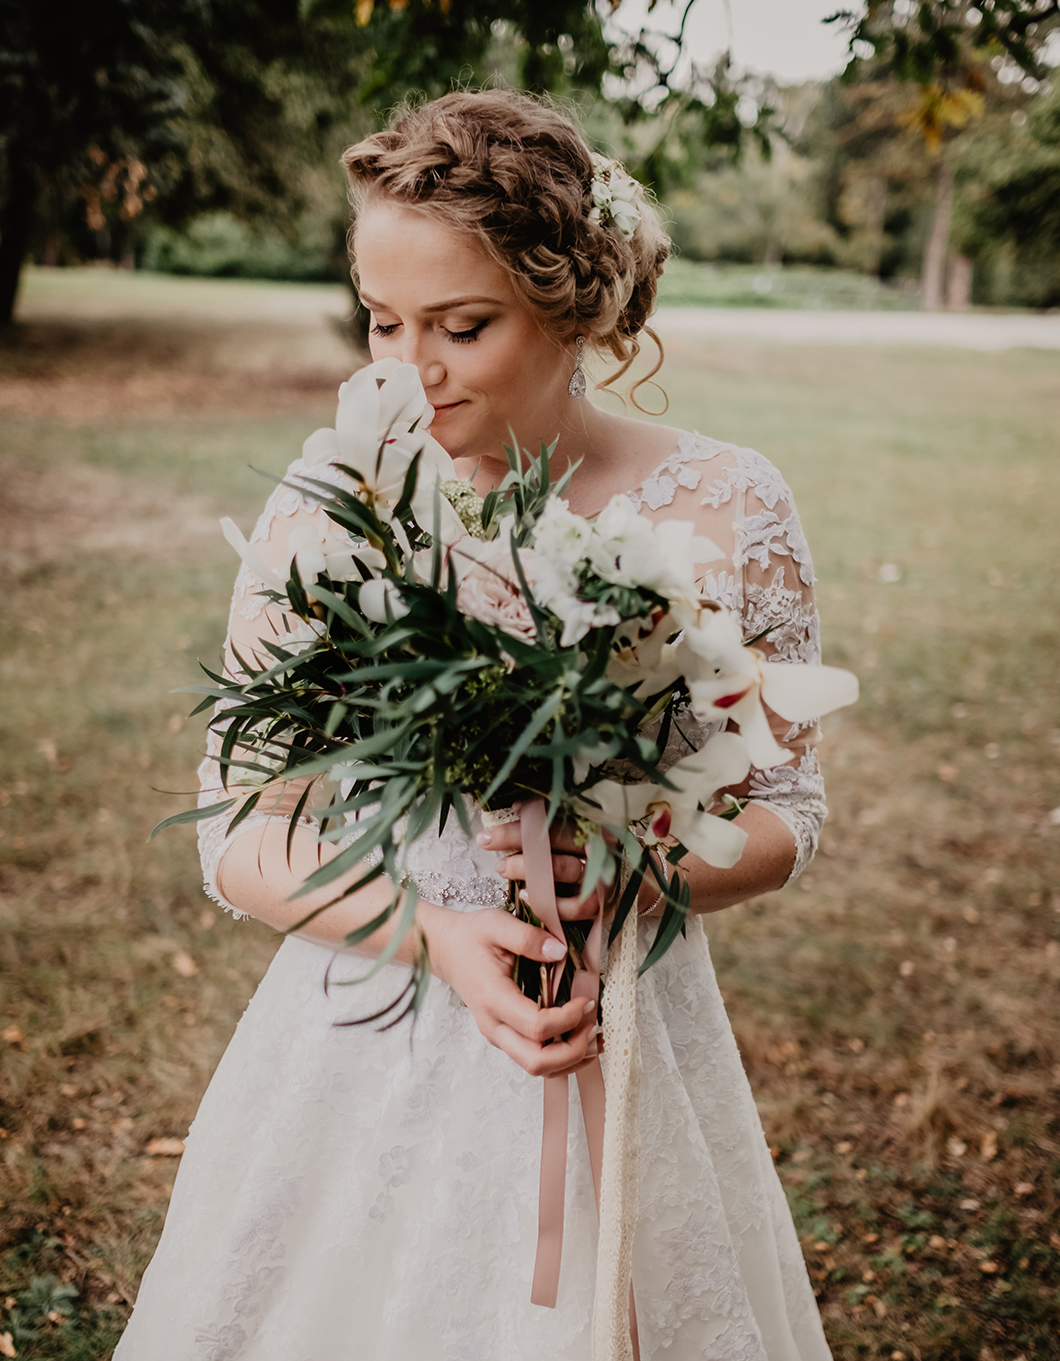 Fotografering bröllop på Nyckelvikens Herrgård